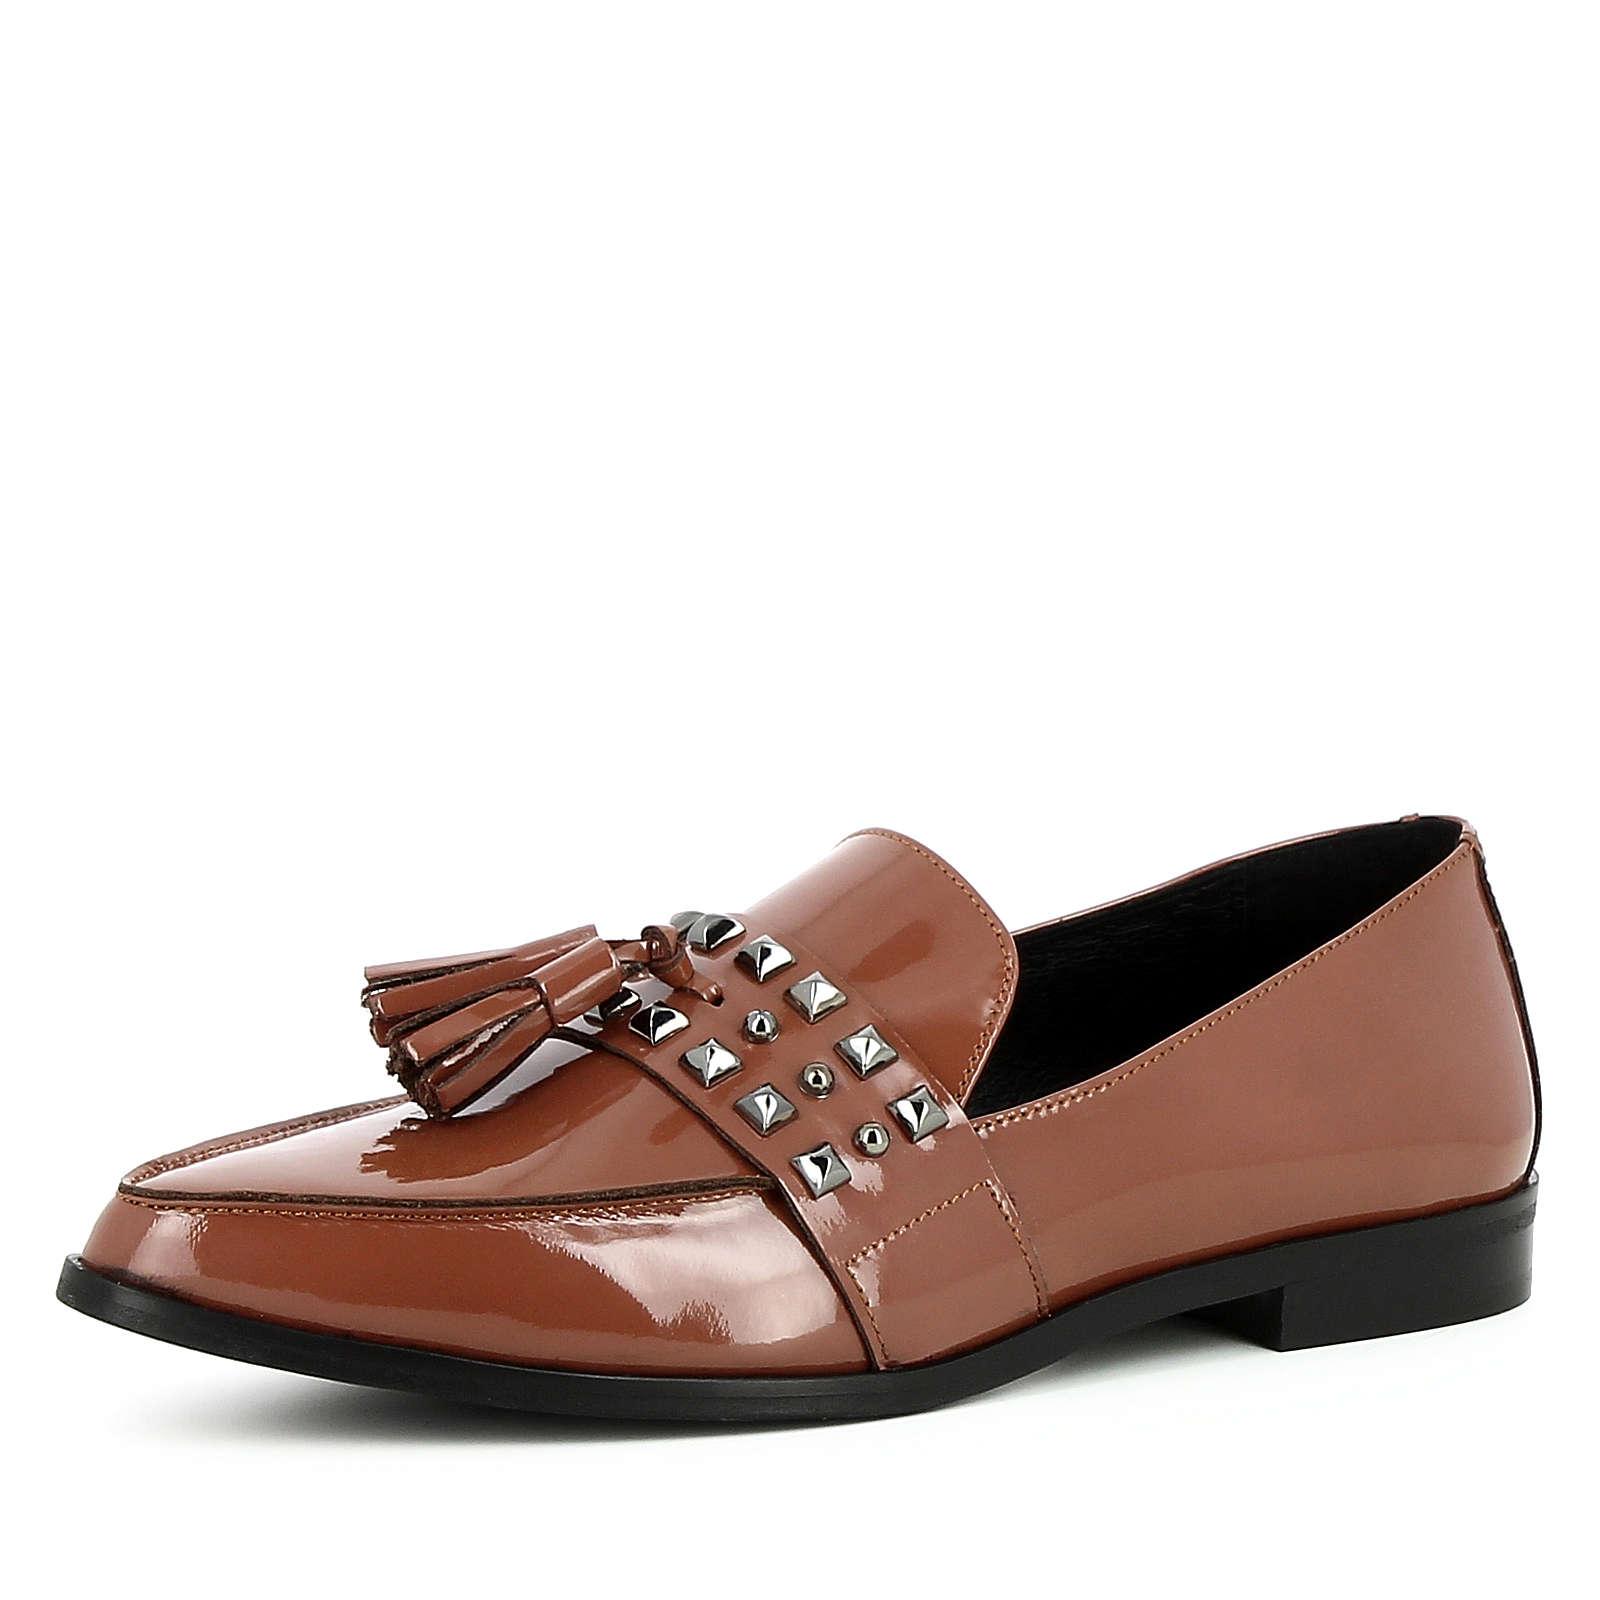 Evita Shoes Damen Slipper FILIPA Klassische Sli...